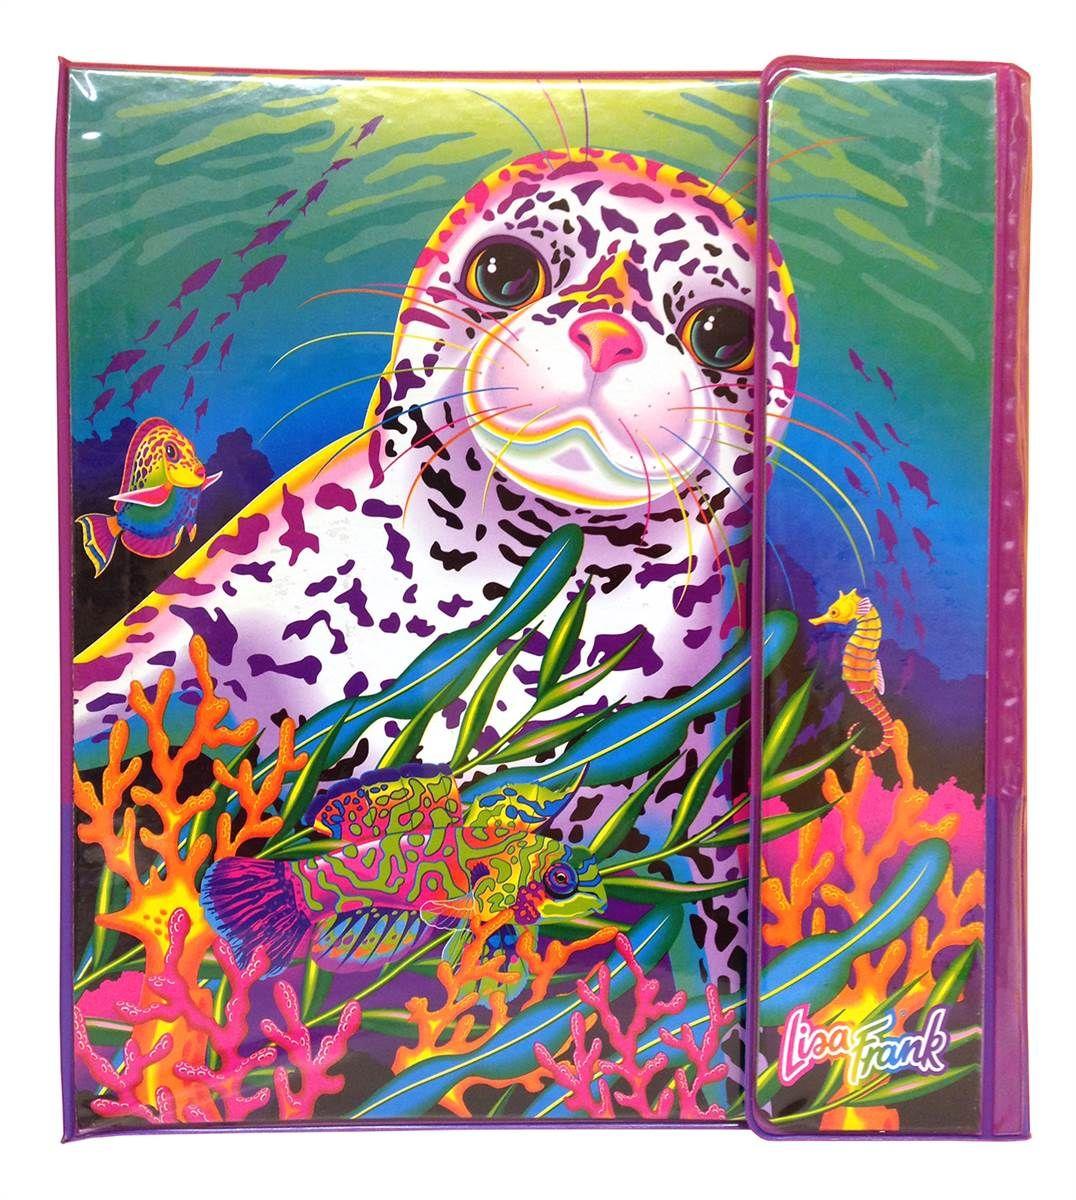 Image result for trapper keeper lisa frank | 90s show | Pinterest